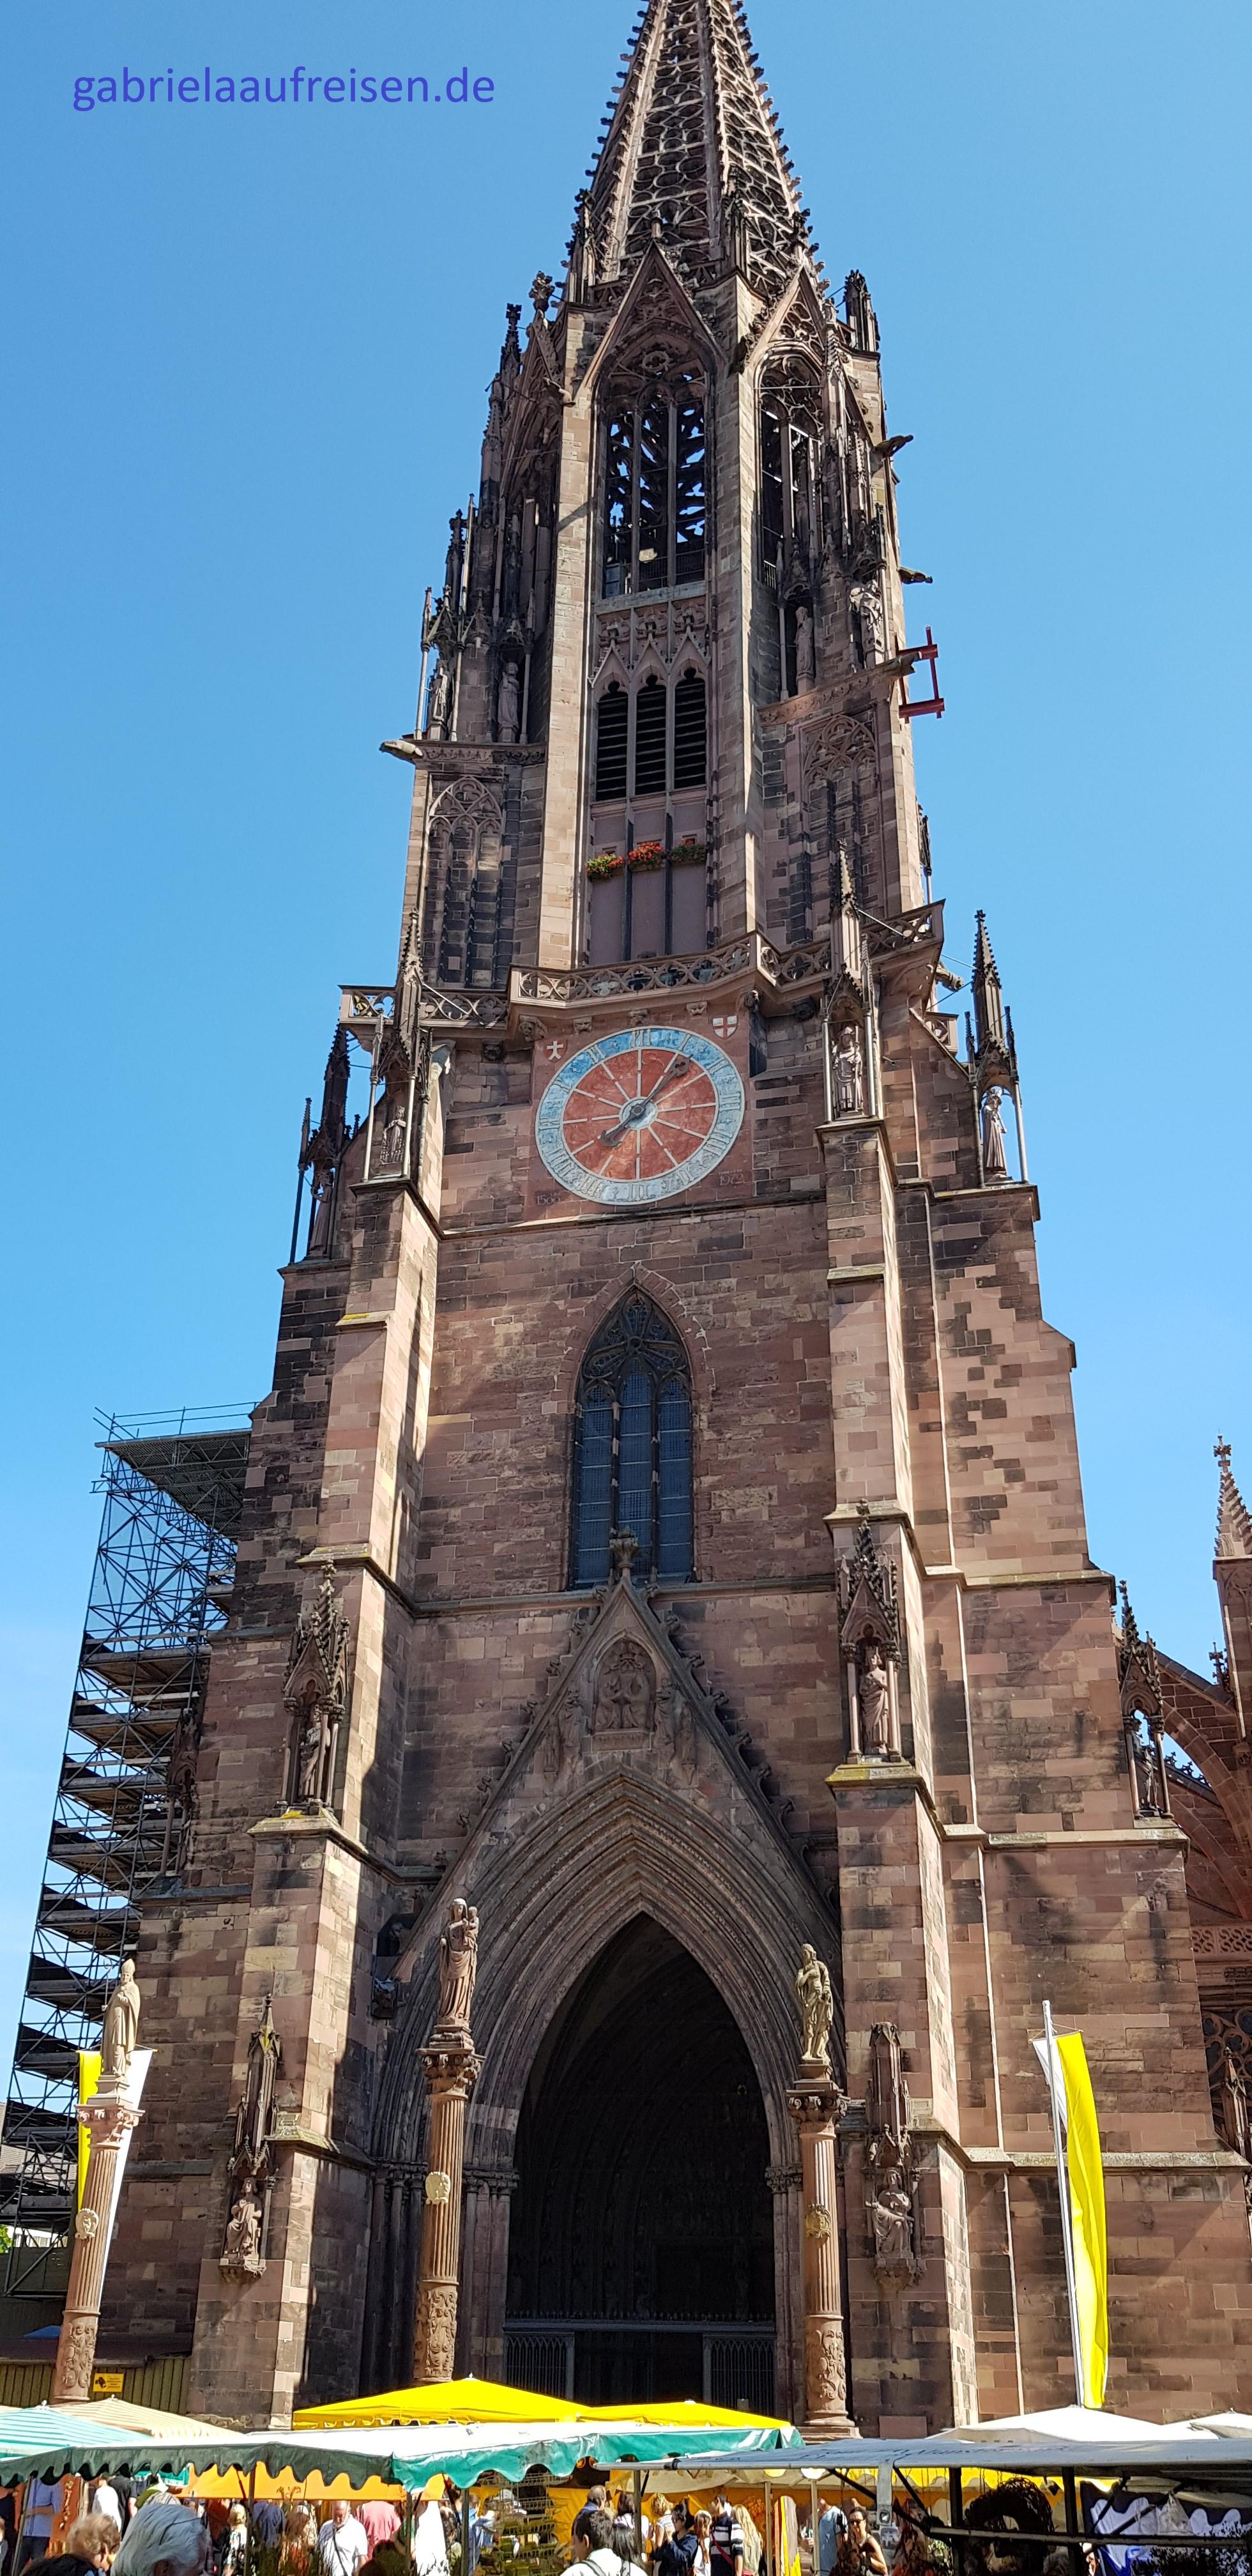 Dom in Freiburg